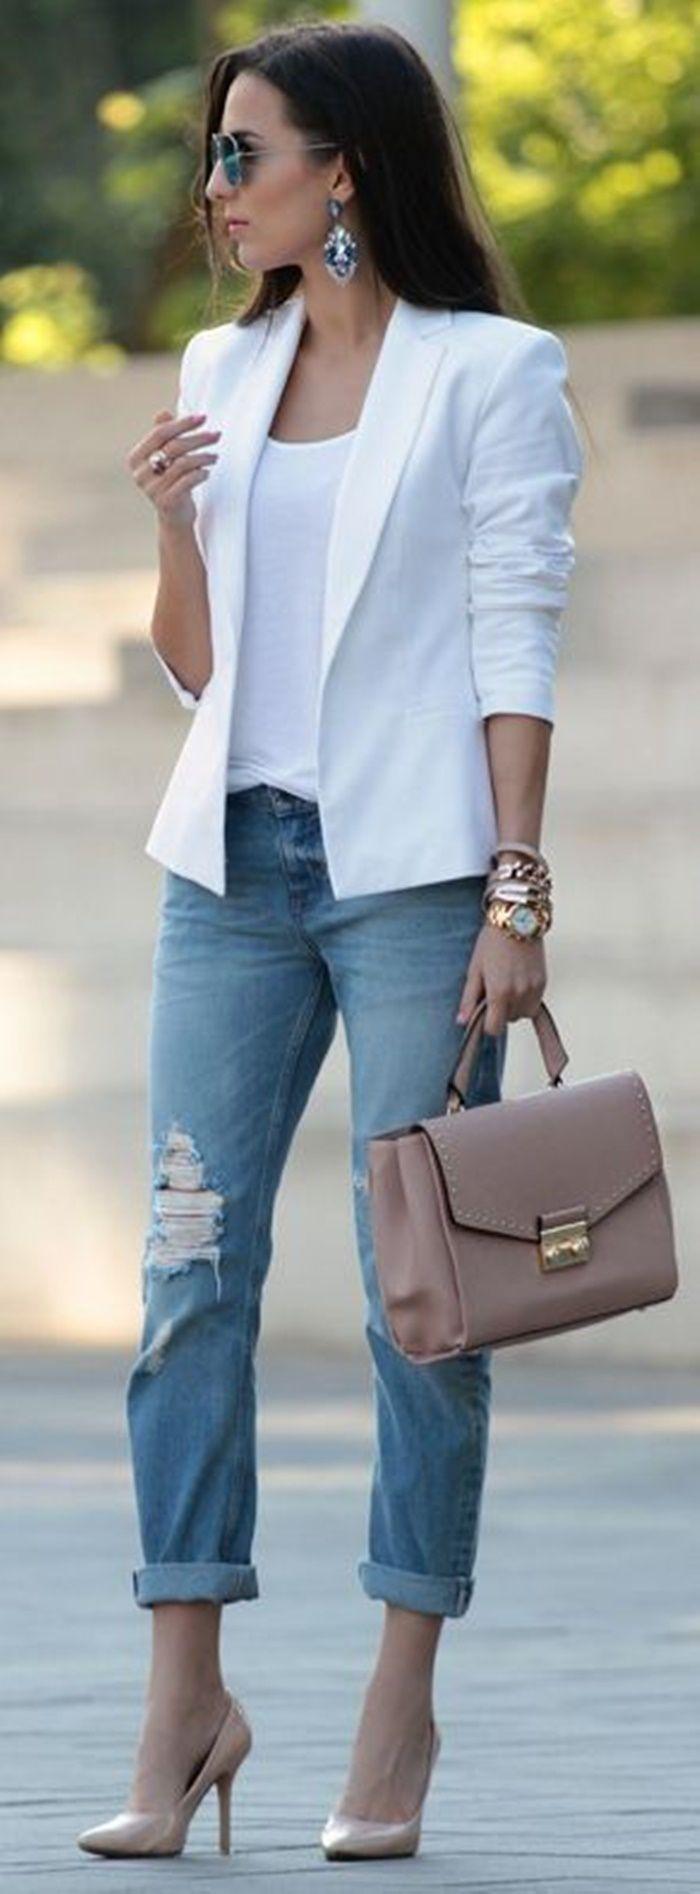 white blazer   nude heels   boyfriend jeans office outfit idea